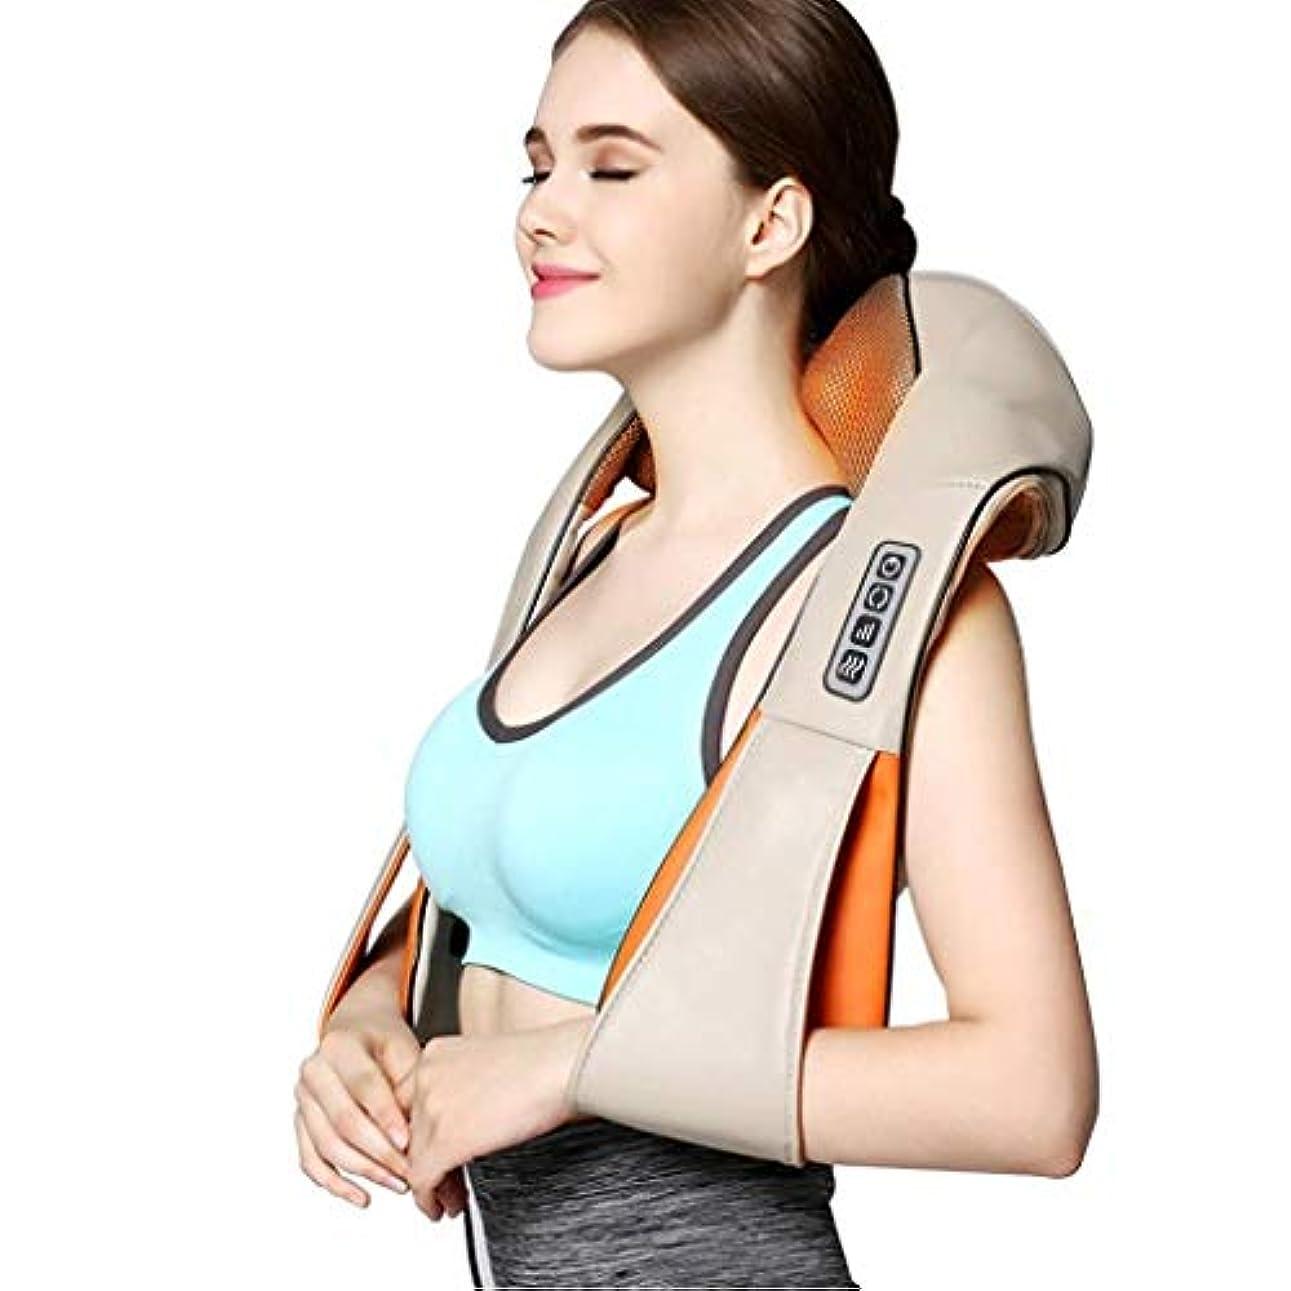 どこにでも対話計り知れない指圧ネックの肩のマッサージャー - 3D深いティッシュの混合の首、肩、背中、足、マッサージの痛みを緩和する電気バックマッサージ枕車のオフィスや家庭でリラックス (Color : 4buttons)